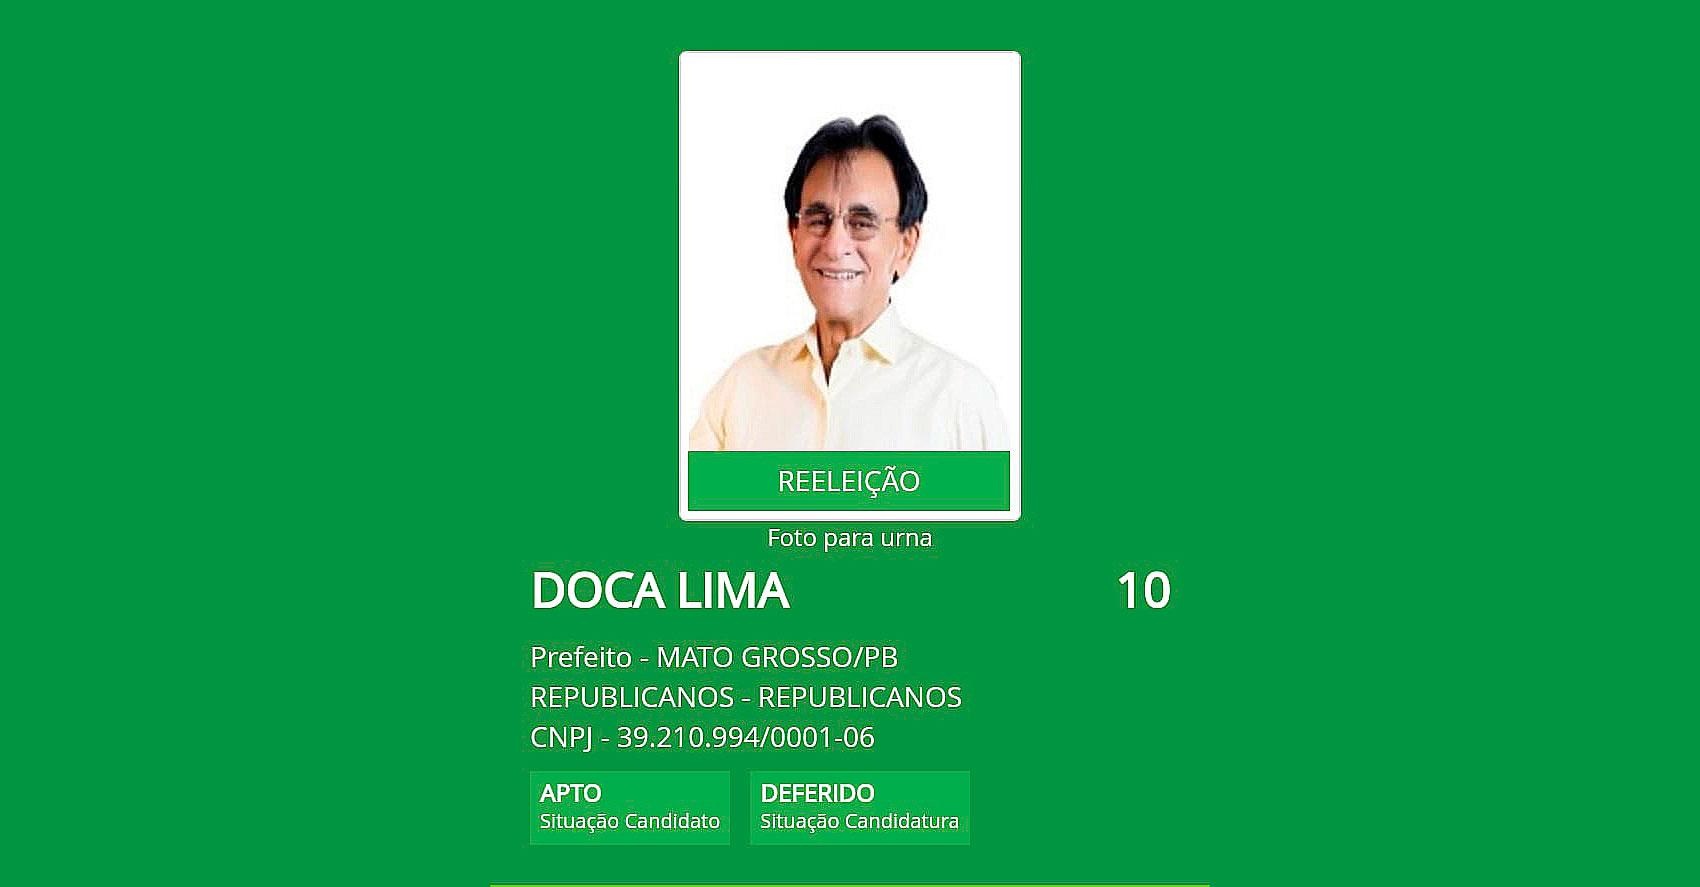 Juiz Eleitoral defere registro de candidatura de Doca Lima para prefeito de Mato Grosso